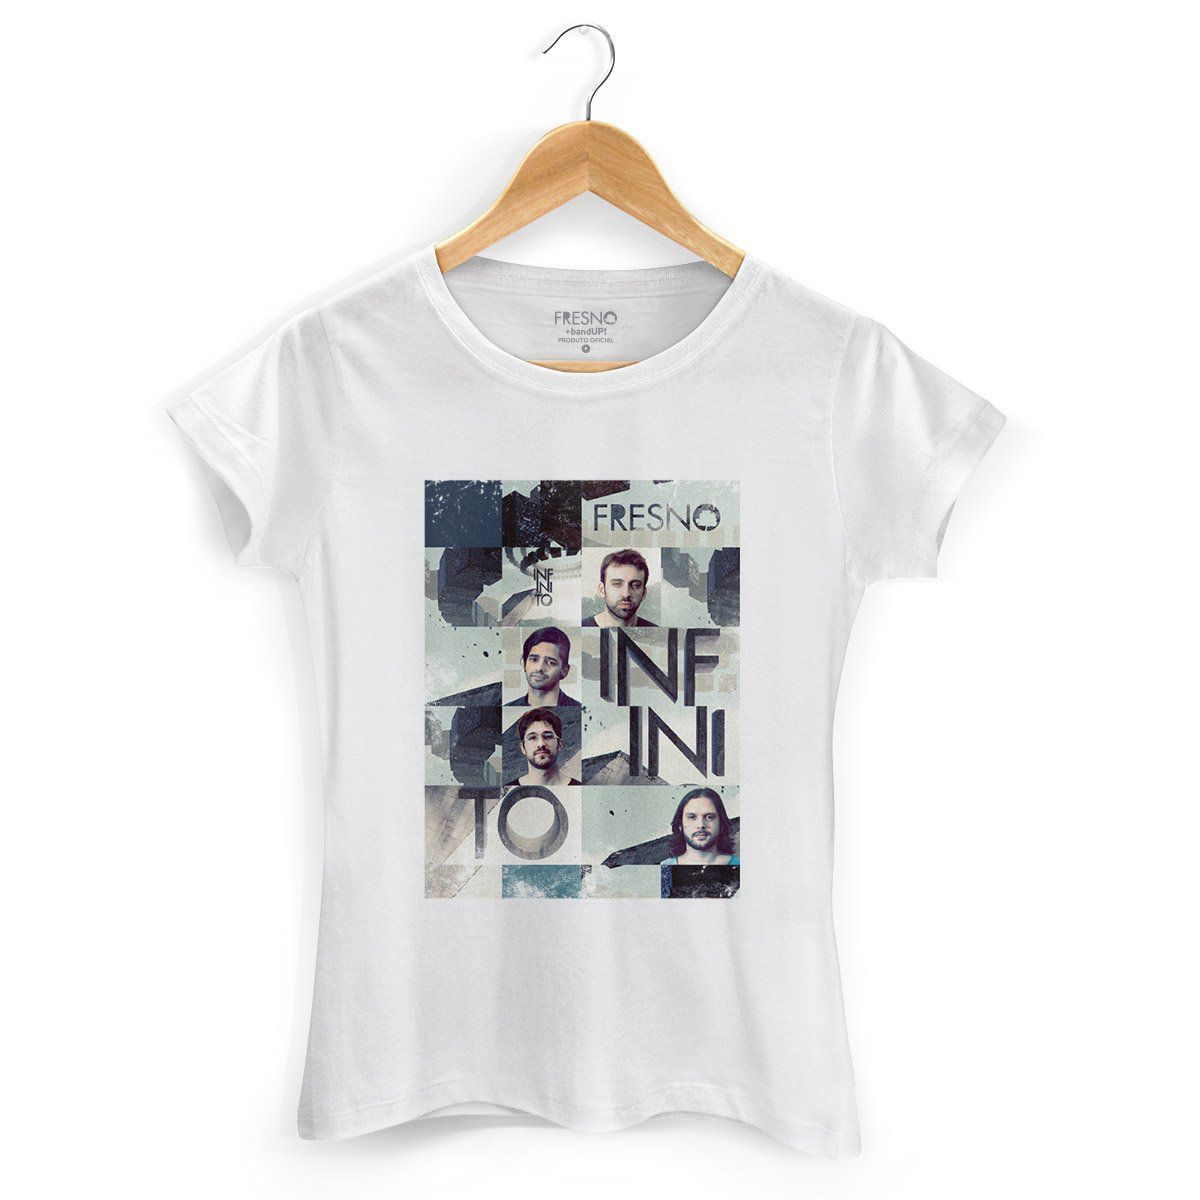 Camiseta Feminina Fresno - Mosaico Infinito